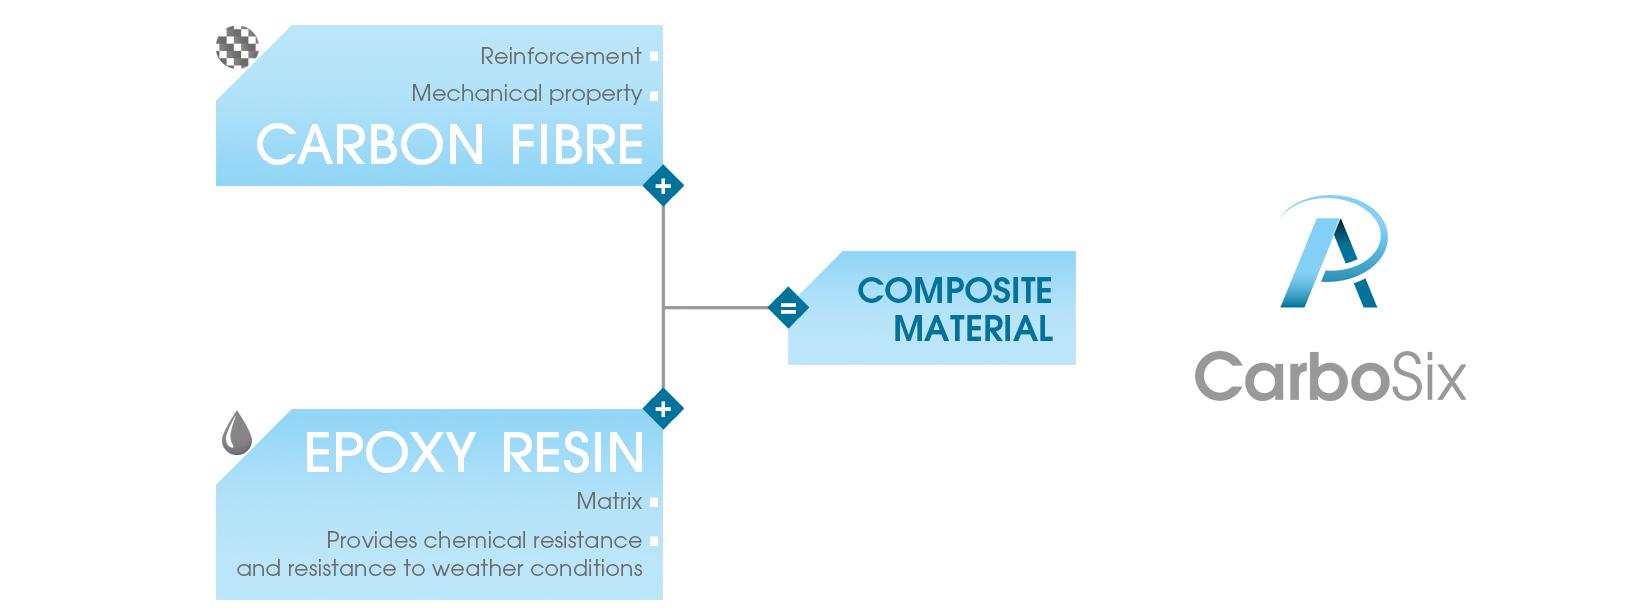 carbosix-carbon-composites-profiles